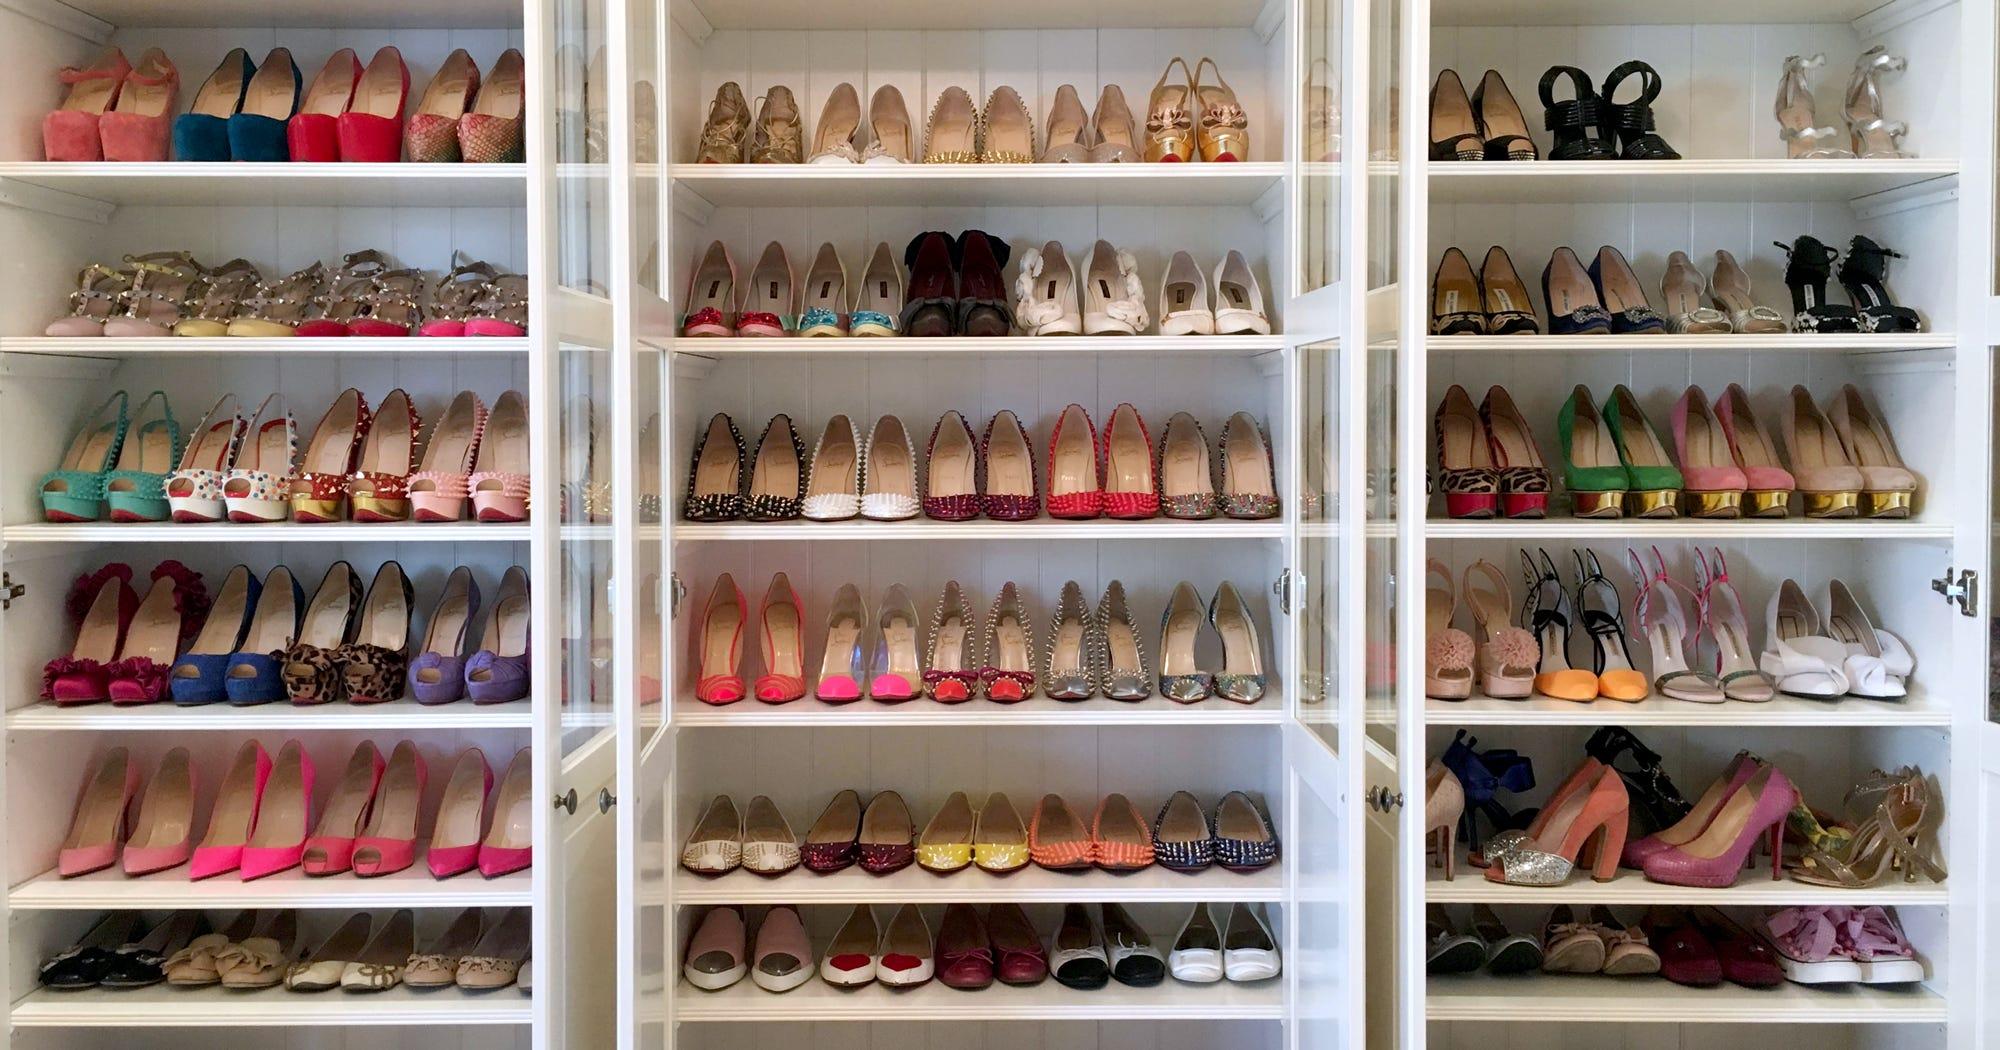 d24b6a91c1 Shoe Closet Photos Designer Heels Sex And The City